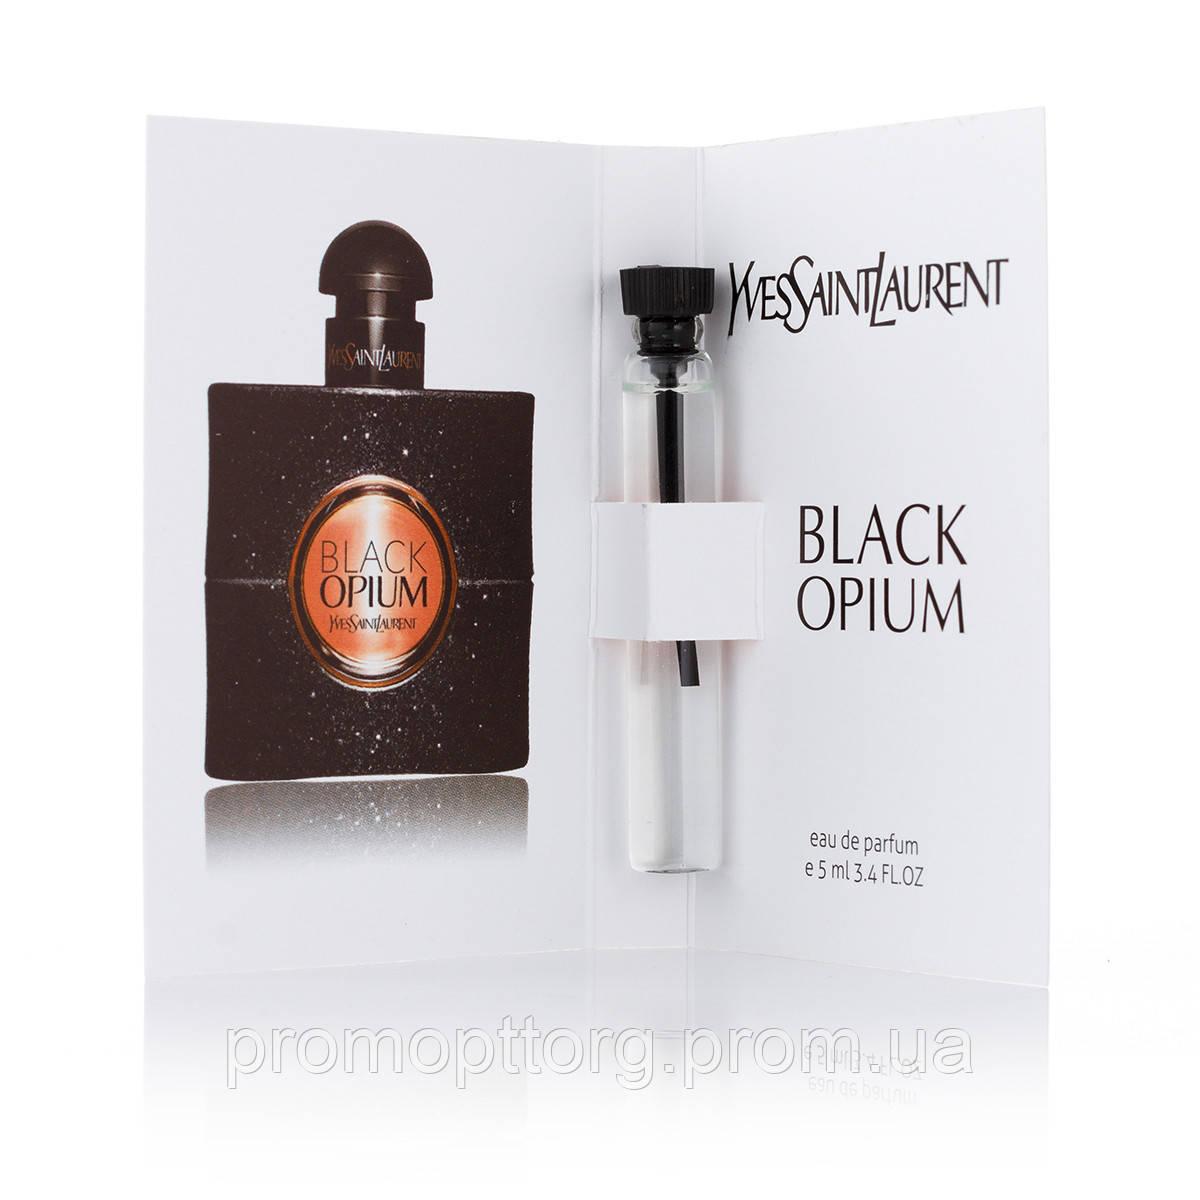 Женская туалетная вода Yves Saint Laurent Black Opium (Ивсент Лоран Блэк Опиум) пробник духов 5 ml (реплика)